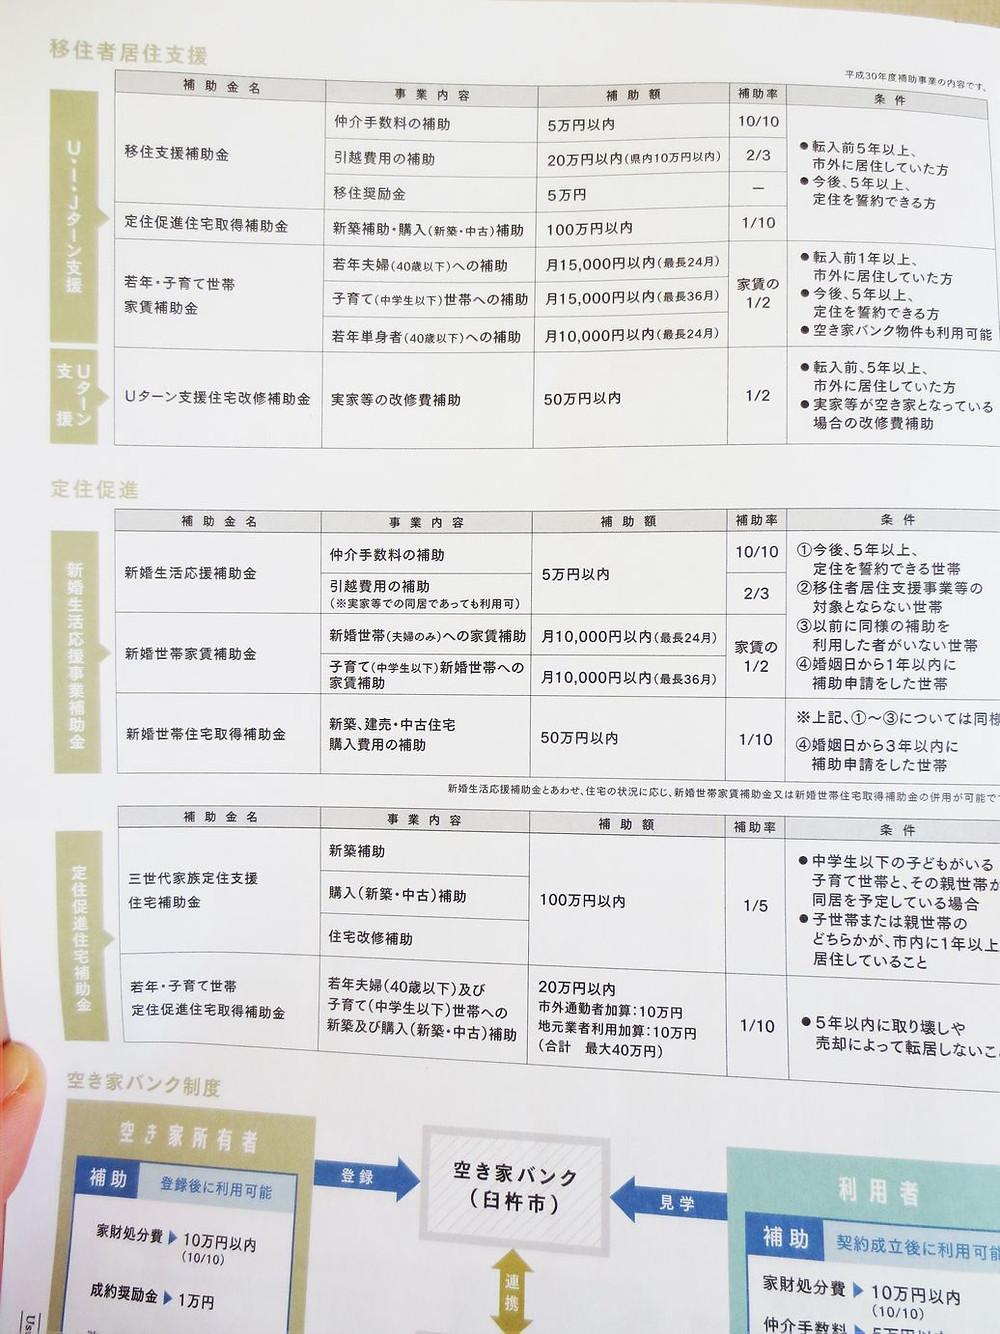 臼杵市の移住支援補助金制度